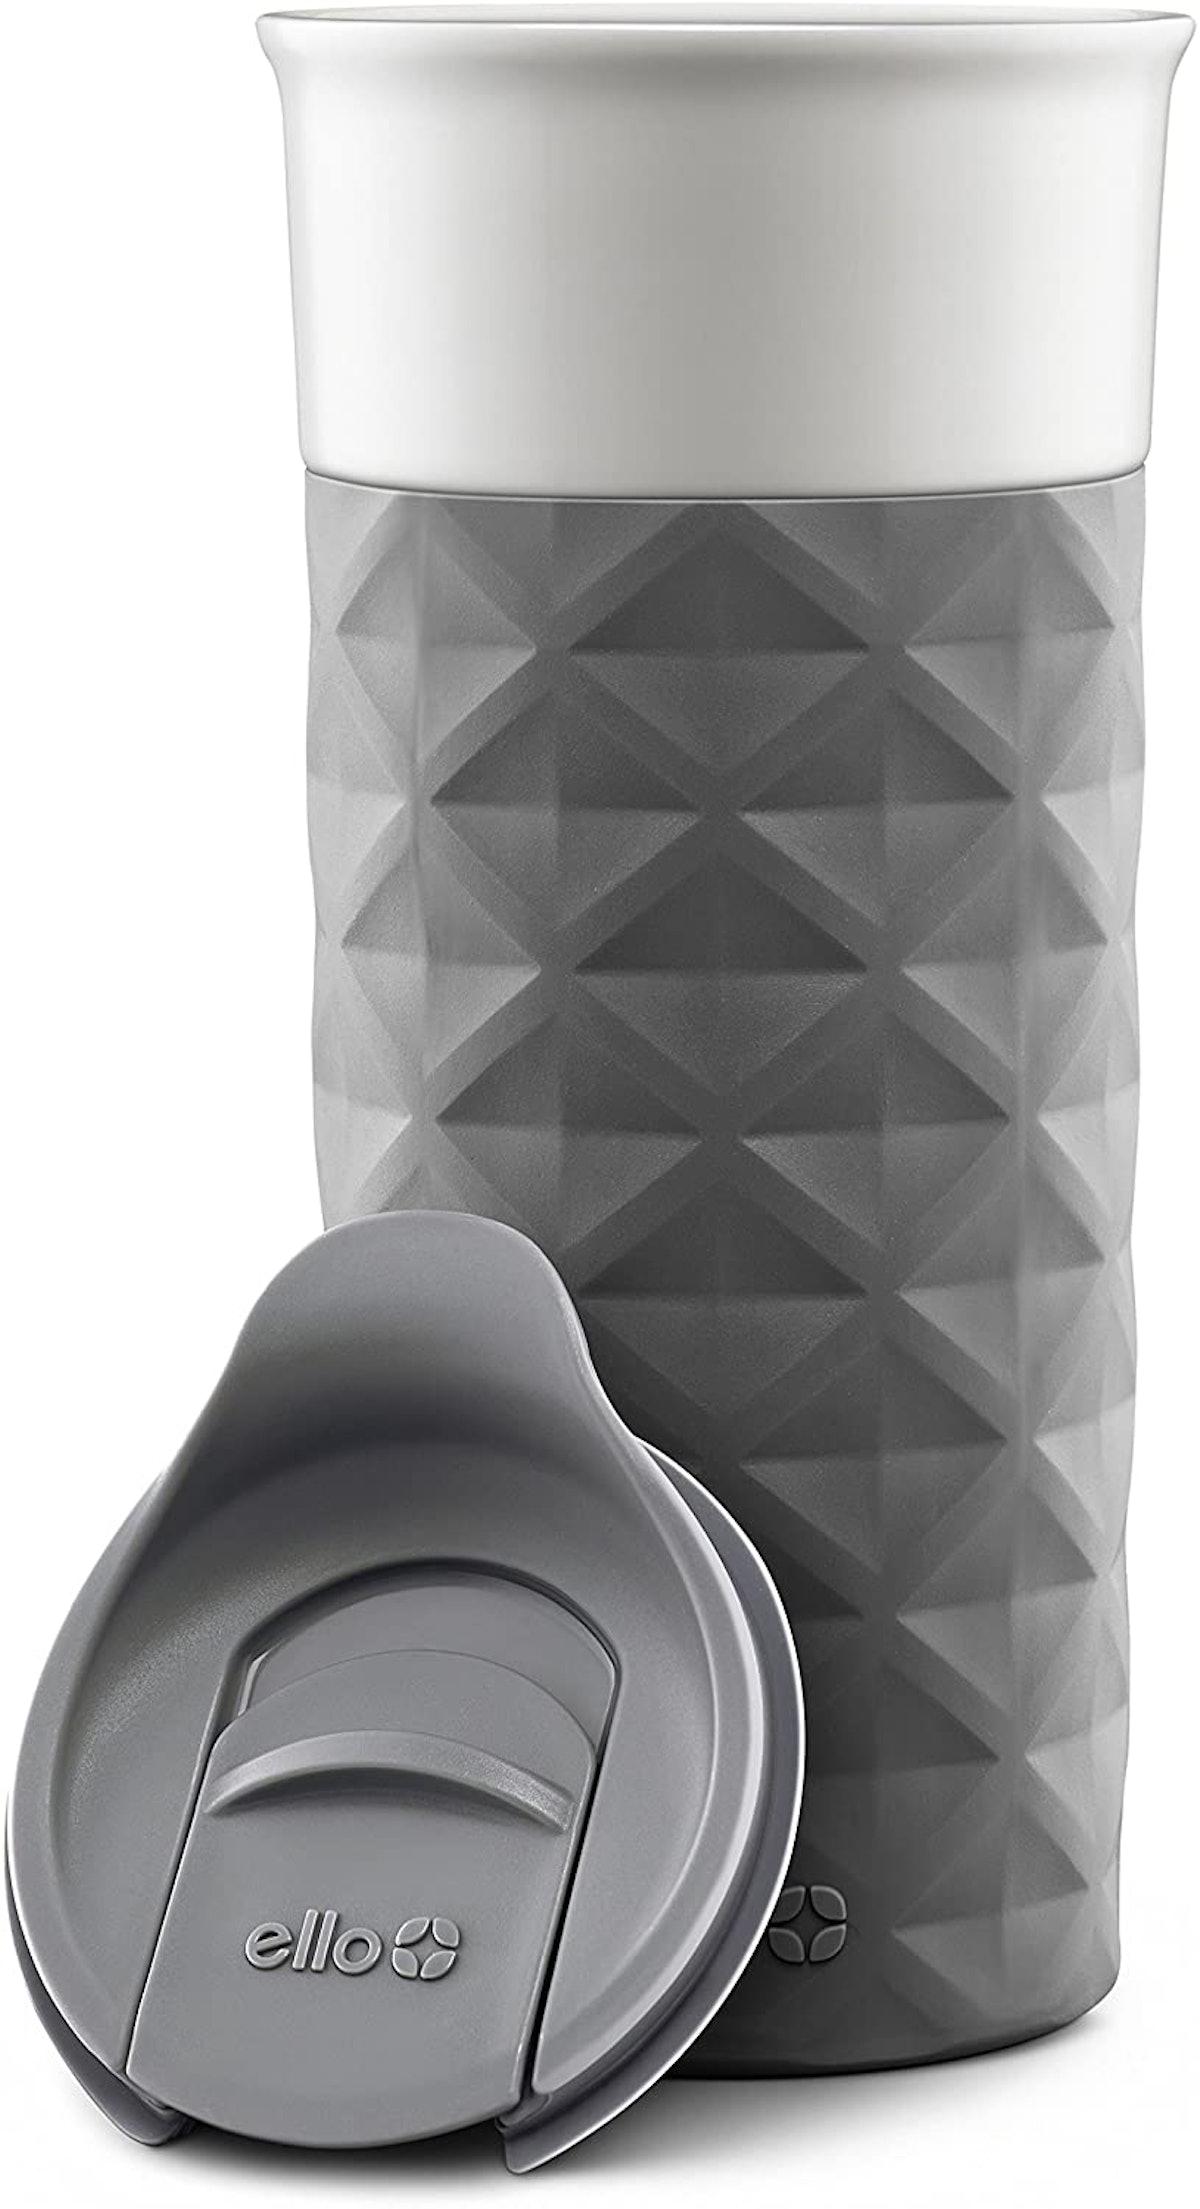 Ello Ogden Ceramic Travel Mug With Friction-Fit Lid